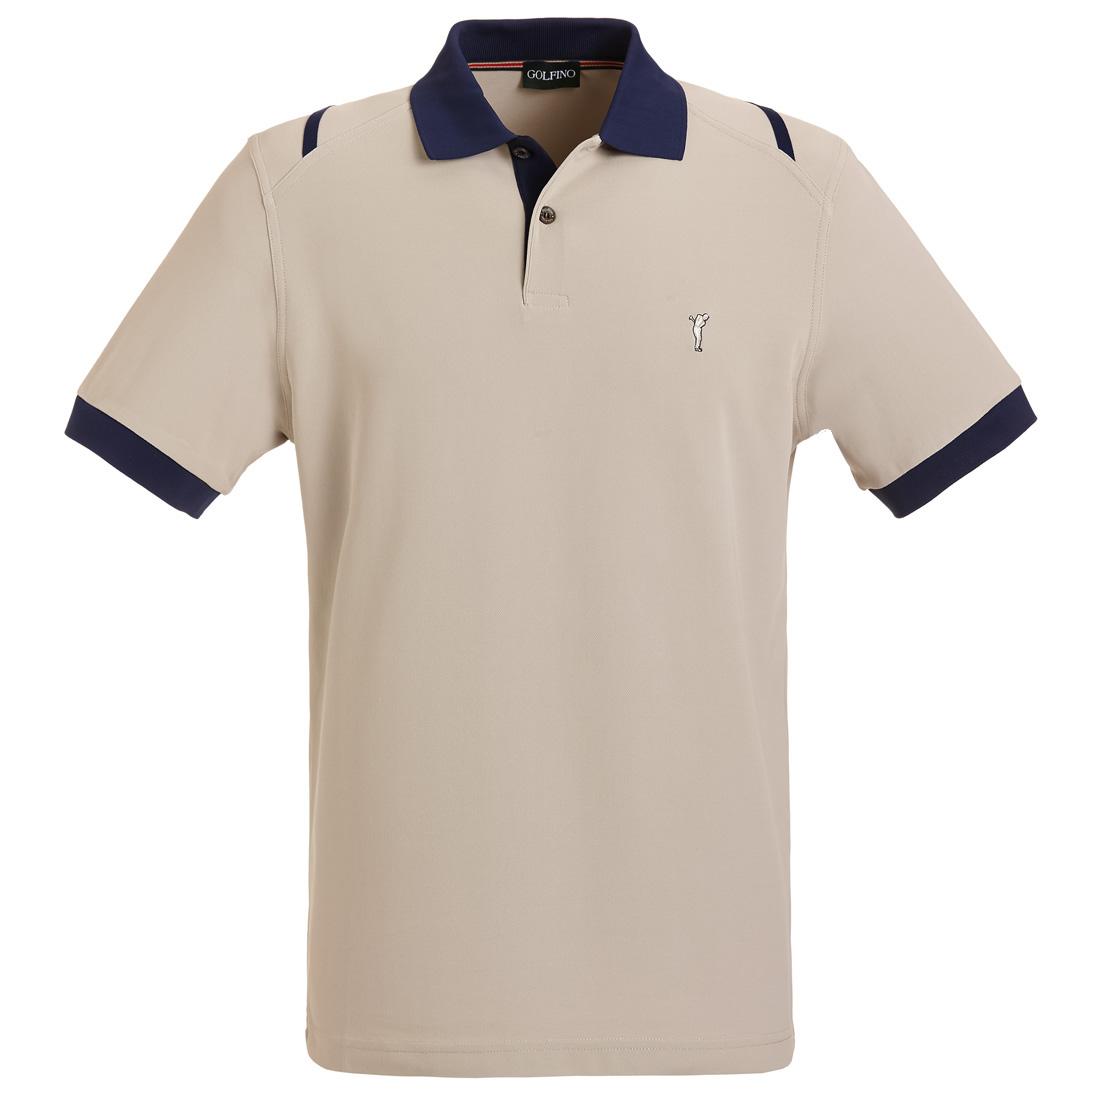 Professionelles Herren Golfpolo mit Moisture Management